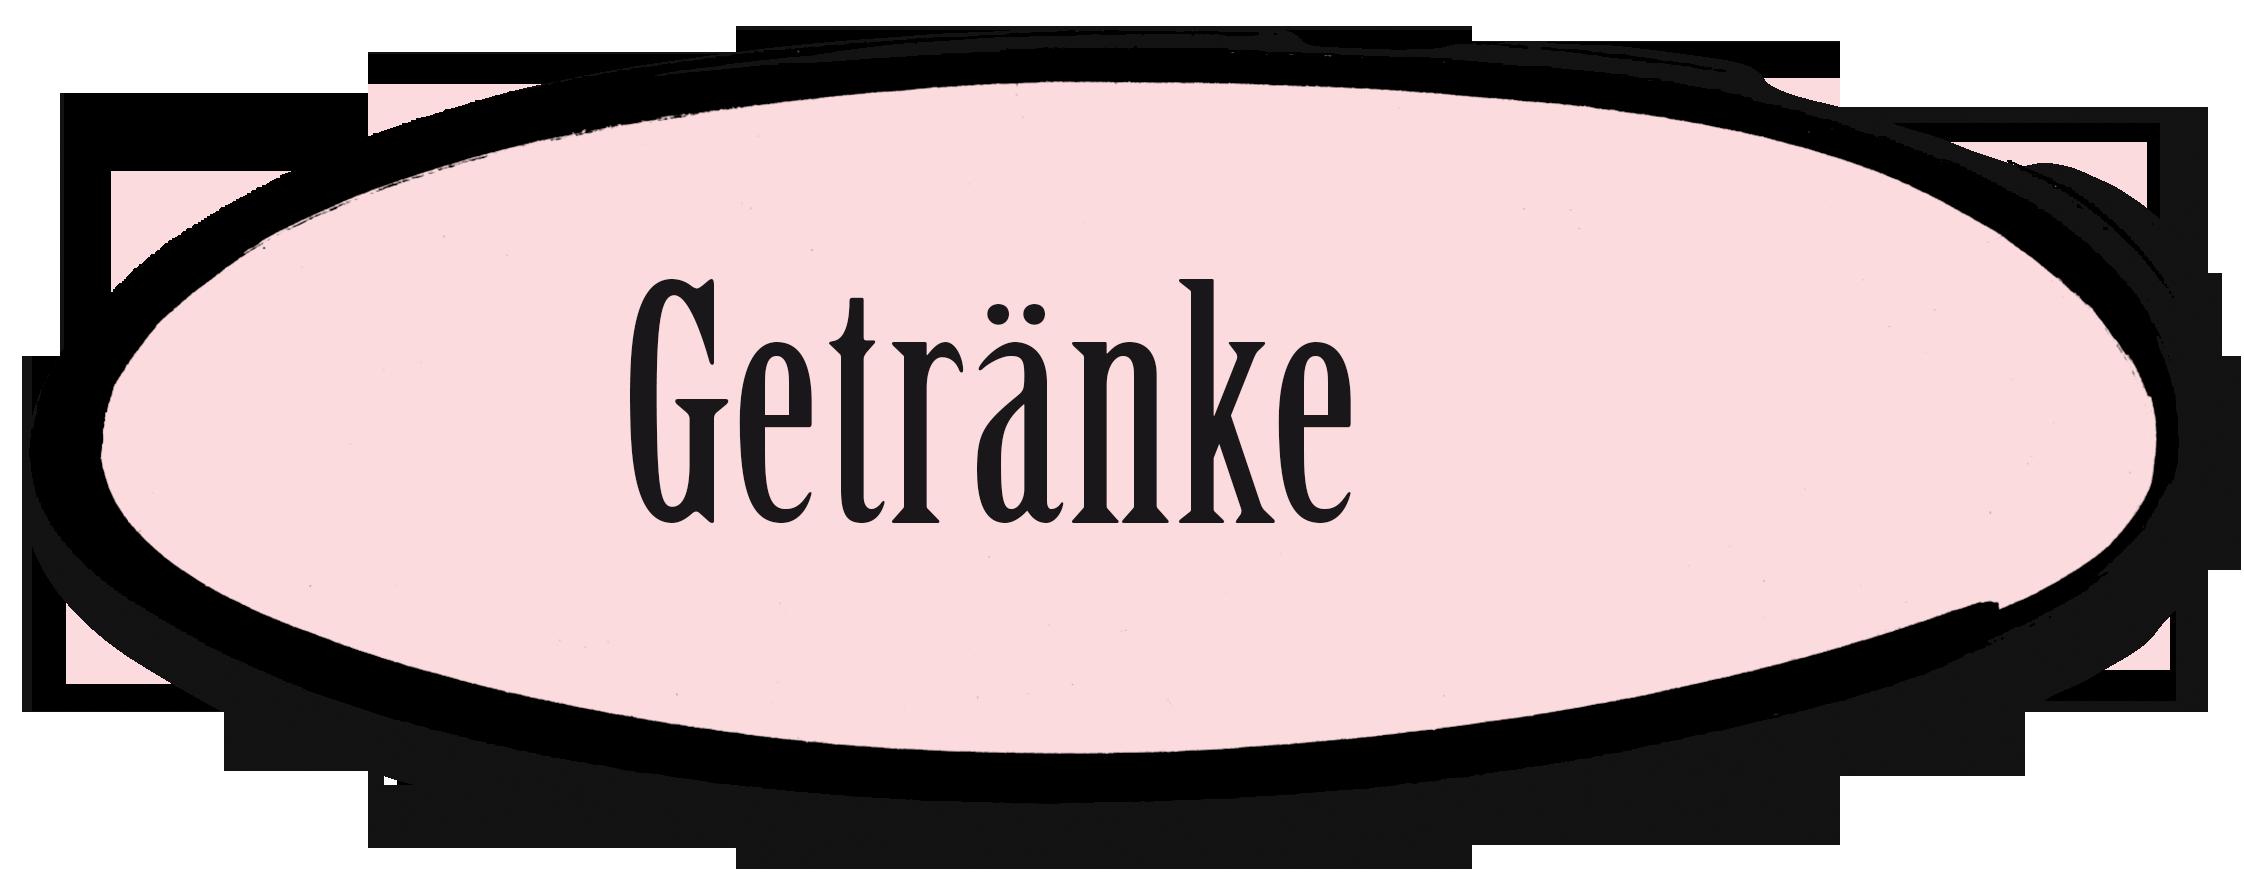 Großartig Logo Getränke Angebote Galerie - Die Designideen für ...